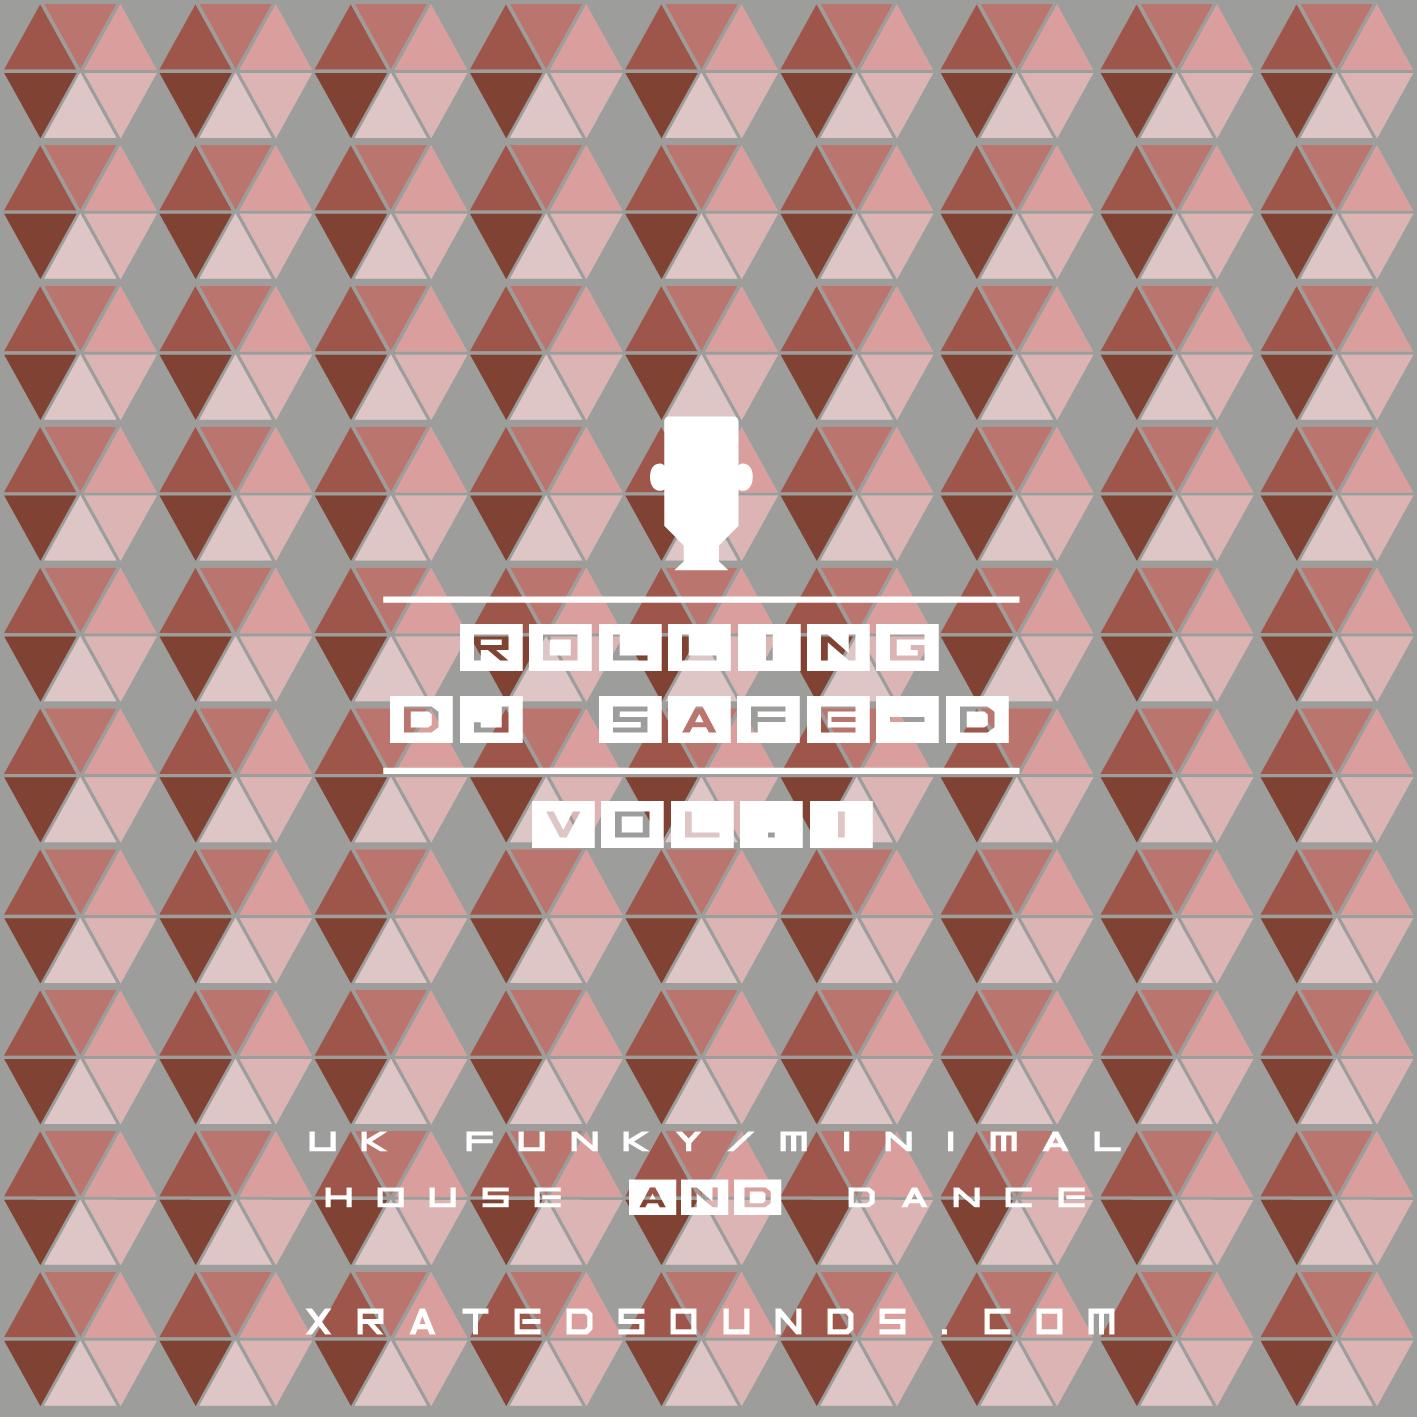 DJ Safe -D - Rolling -HEX_cover_2-01